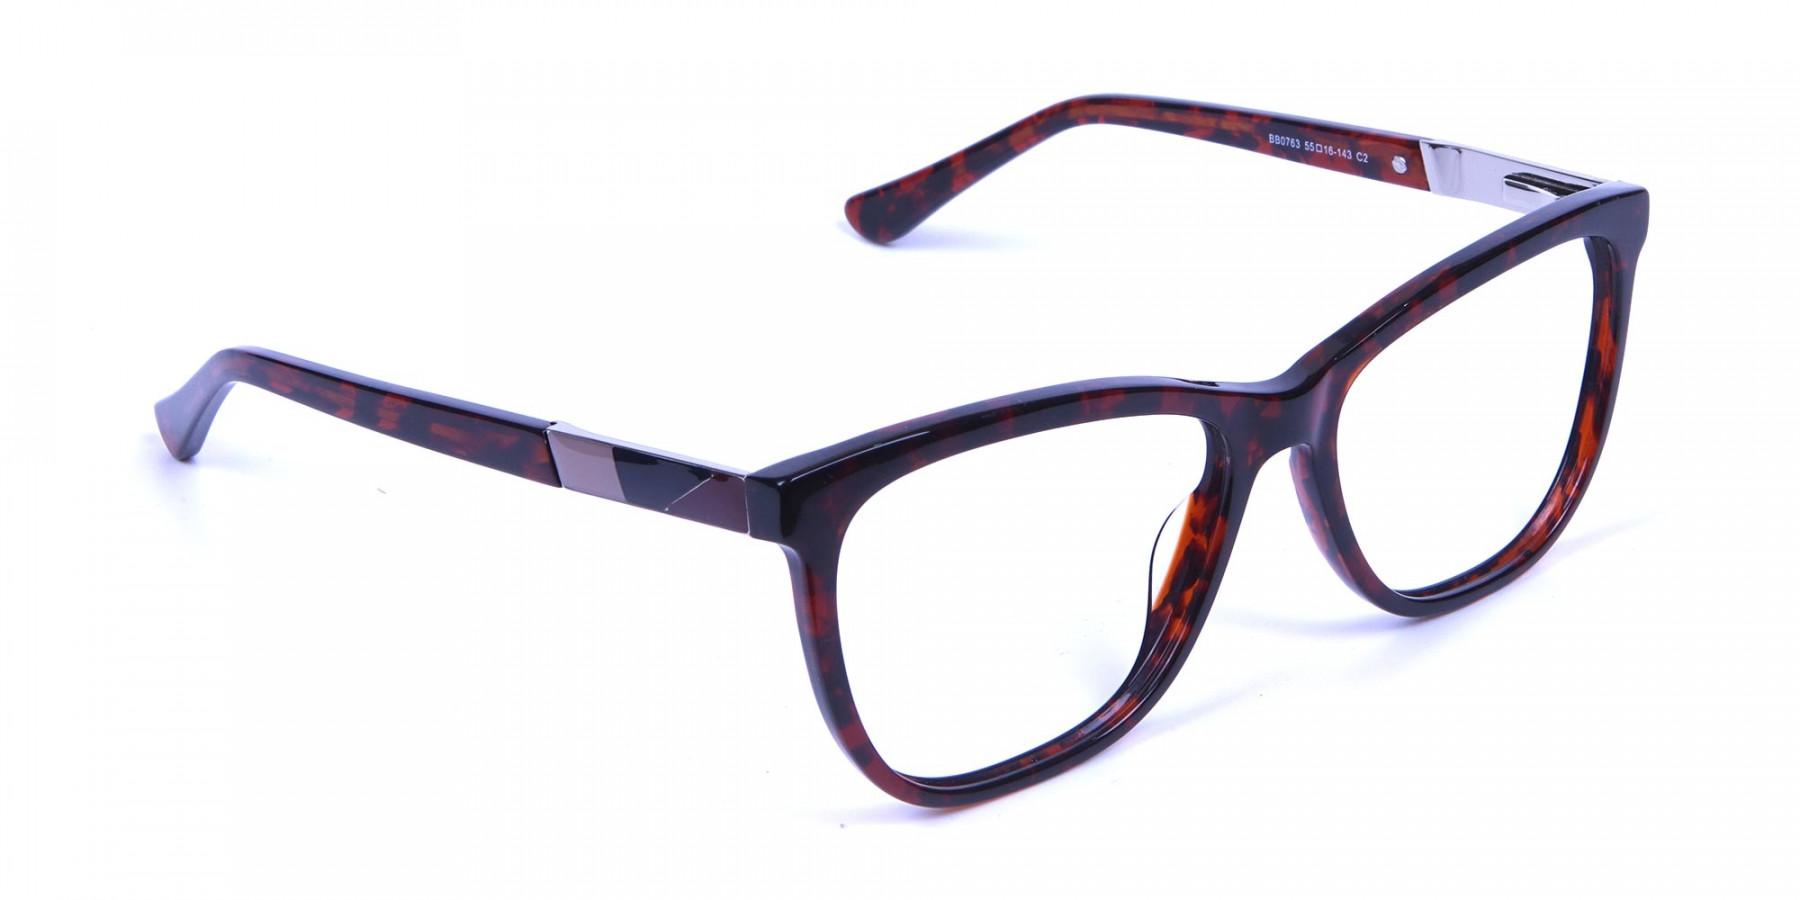 Tortoiseshell & Havana Oversized Glasses